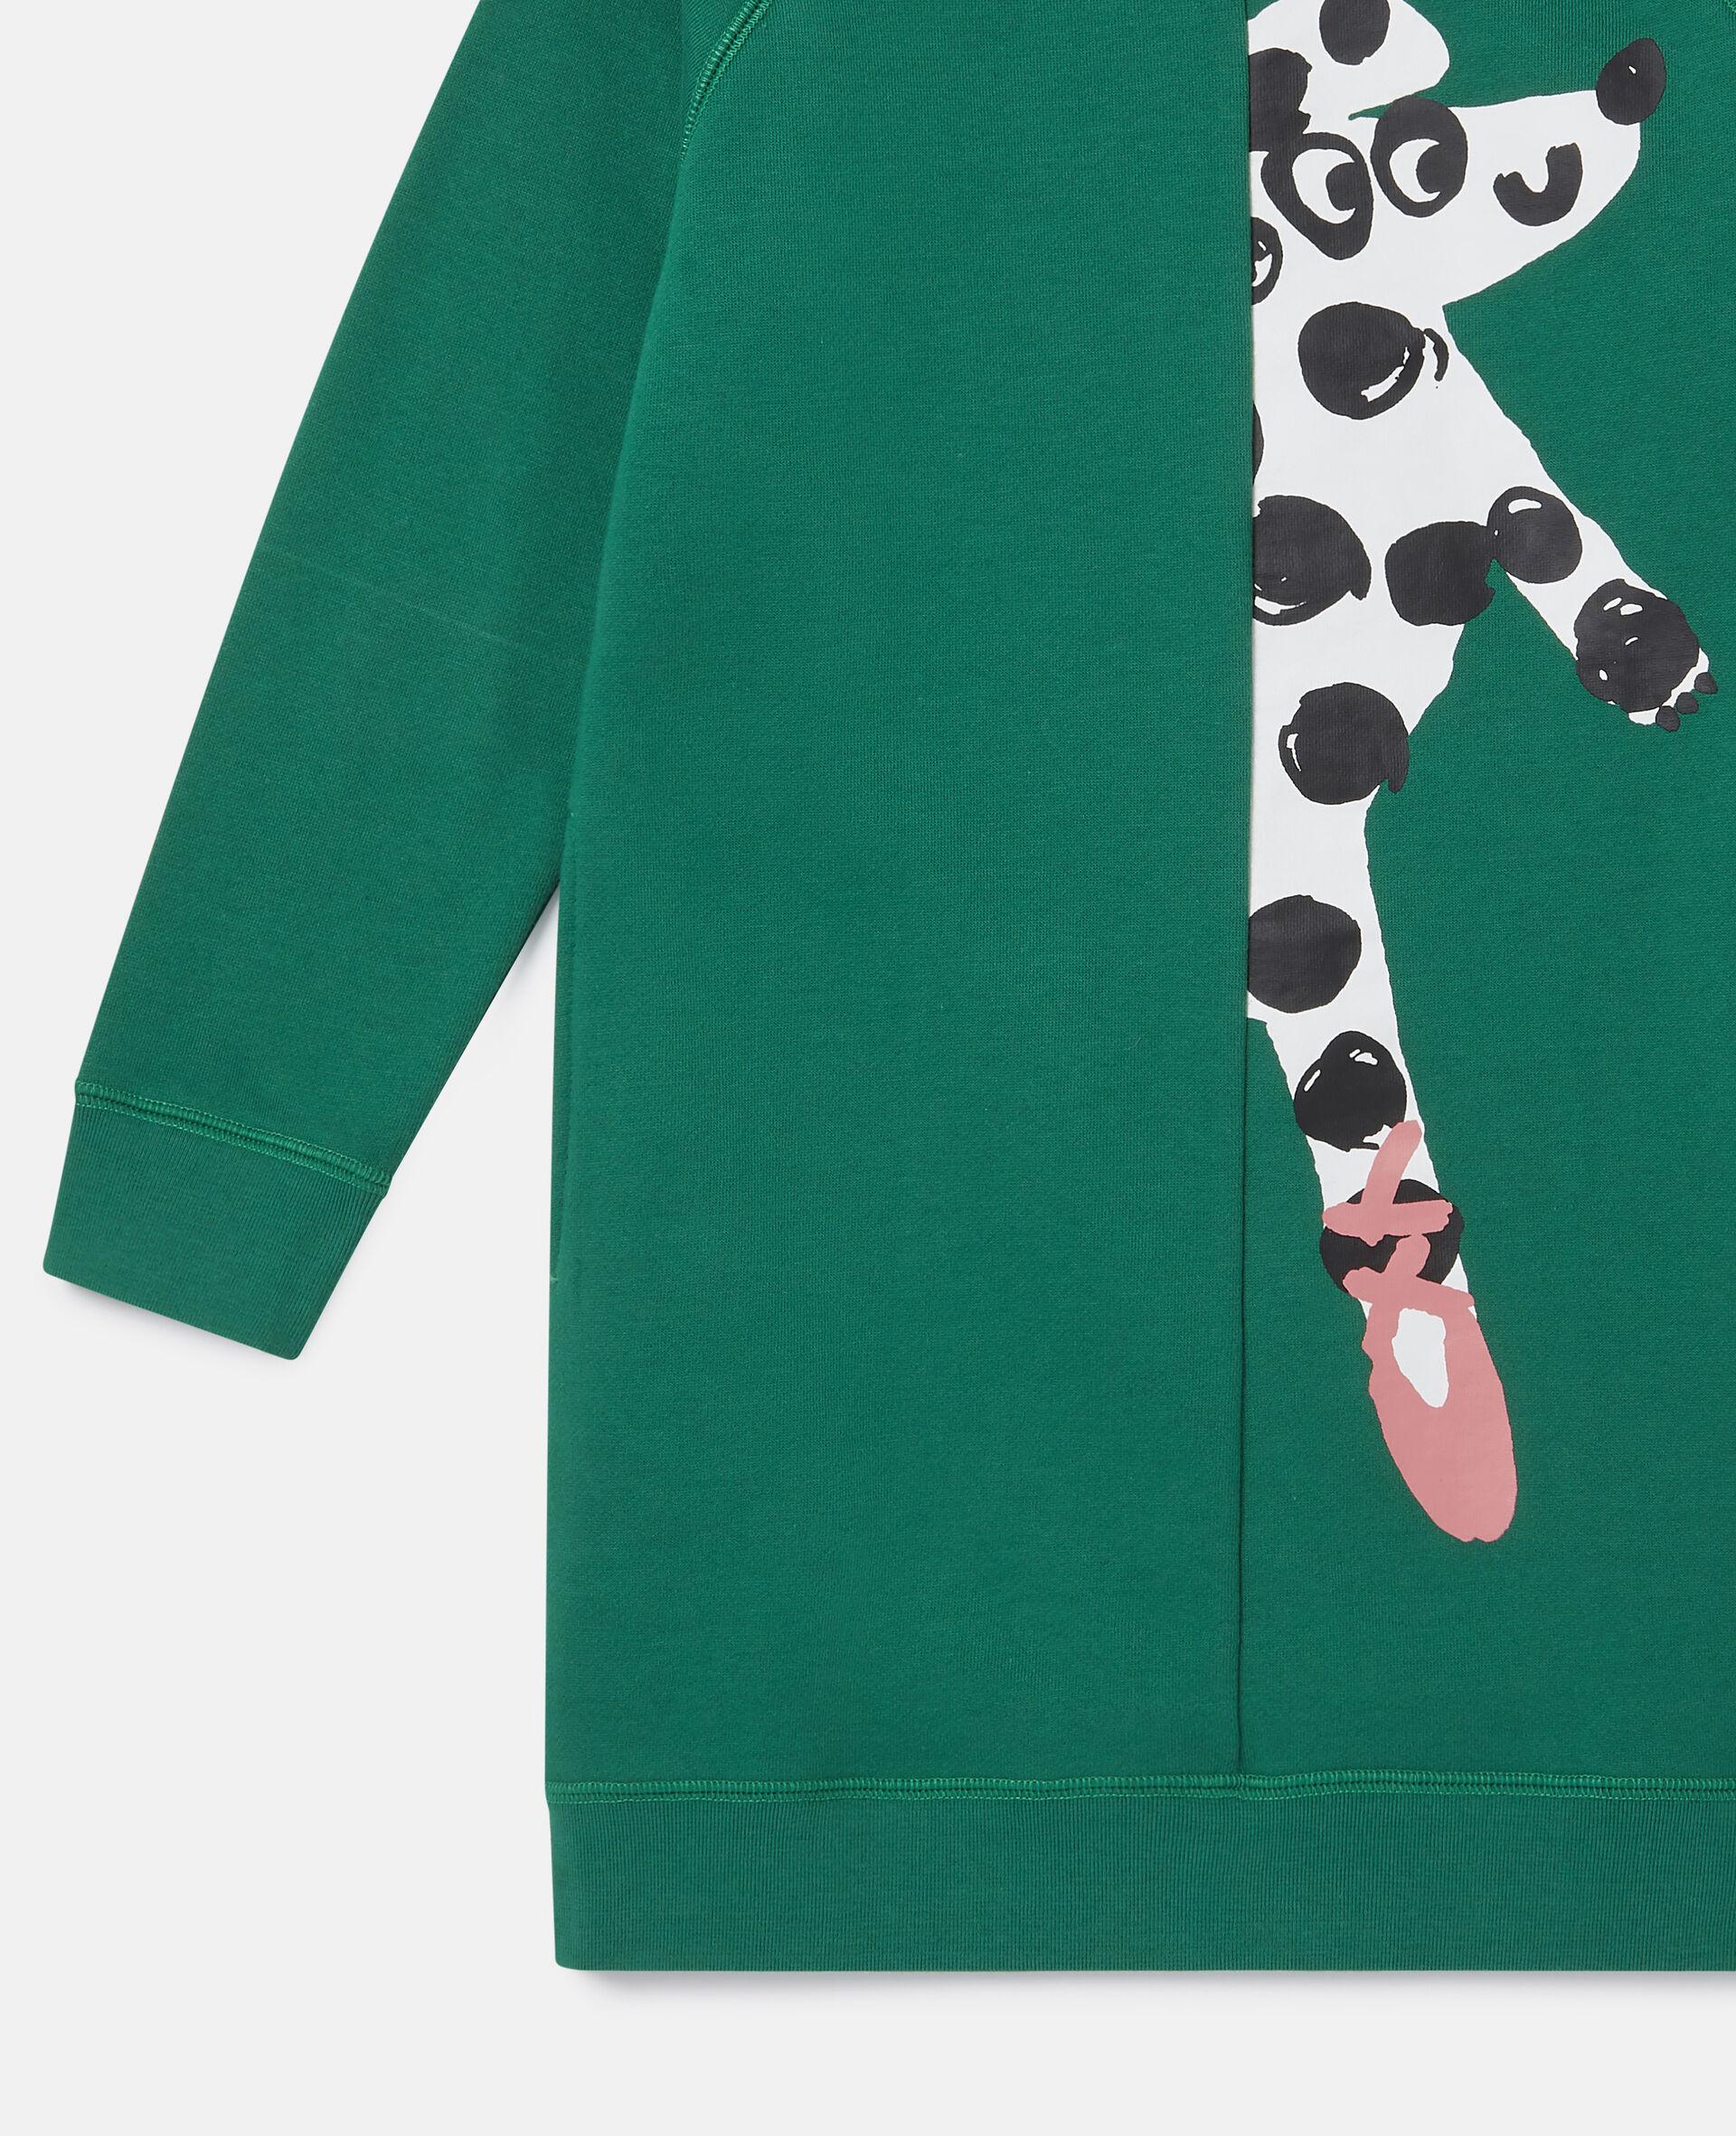 Dancing Dog Fleece Dress-Green-large image number 2